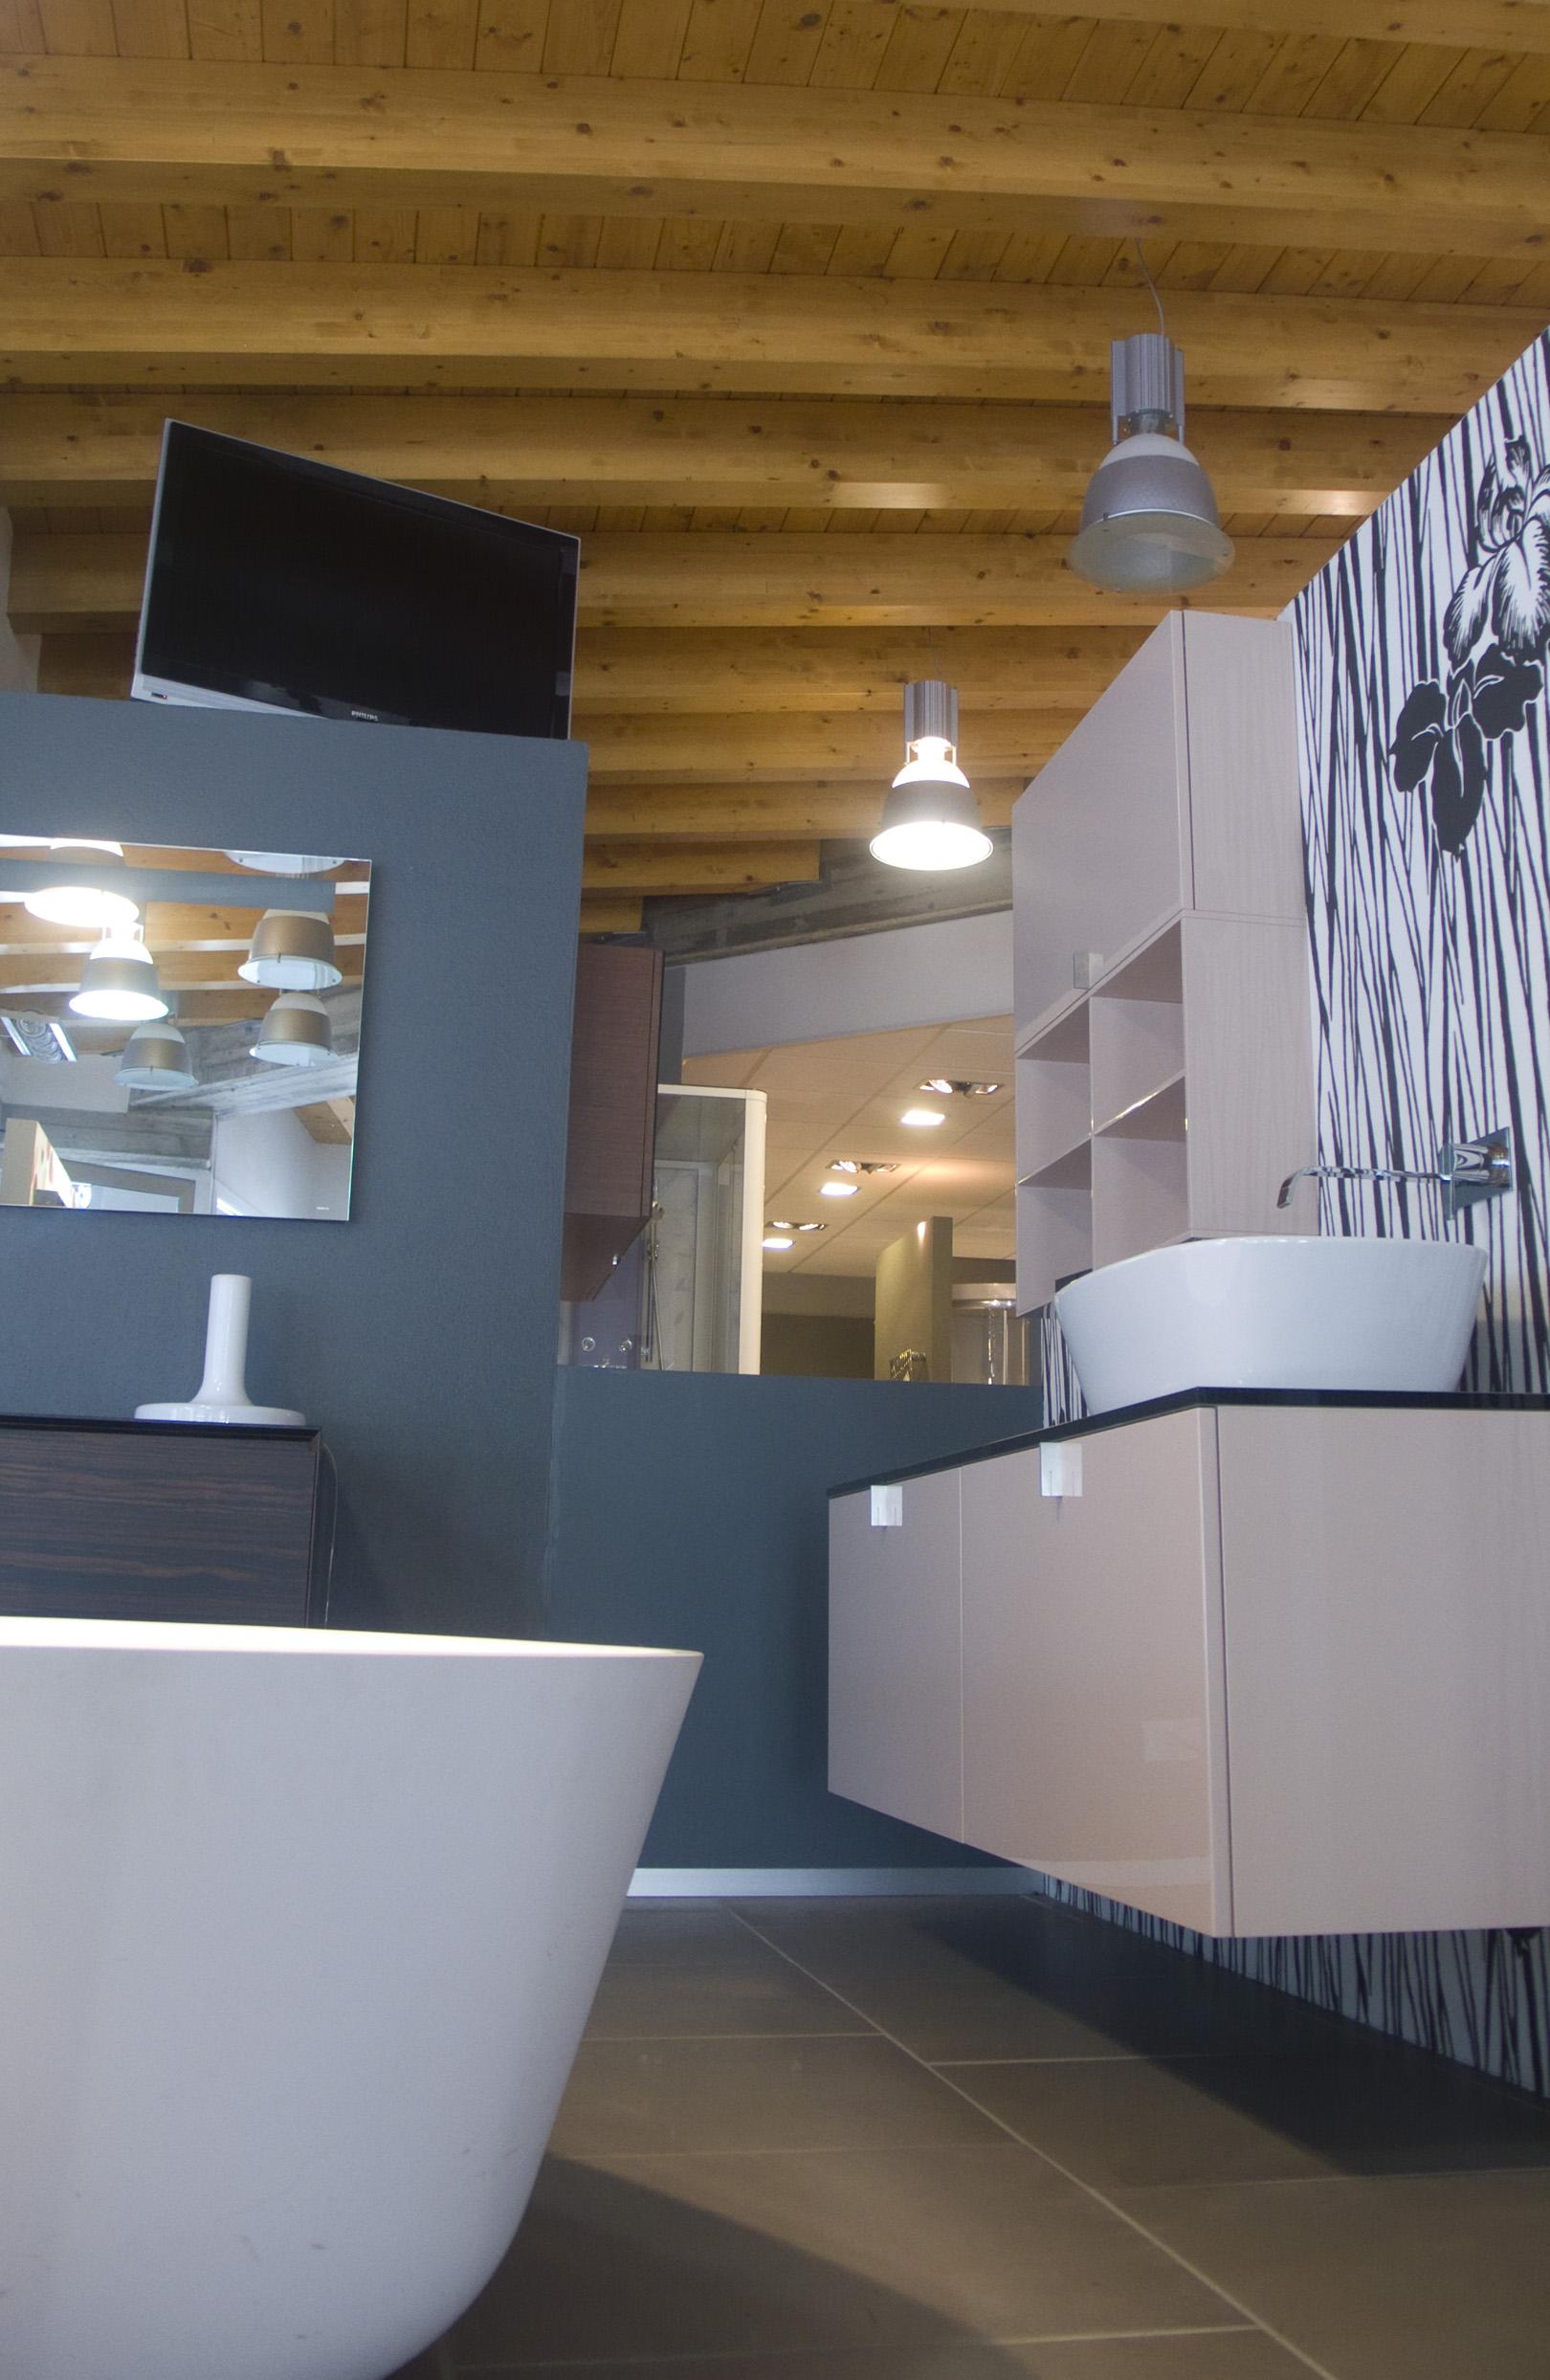 sintesibagno-showroom-arredobagno-lago-maggiore-verbania-svizzera-canton-ticino-06